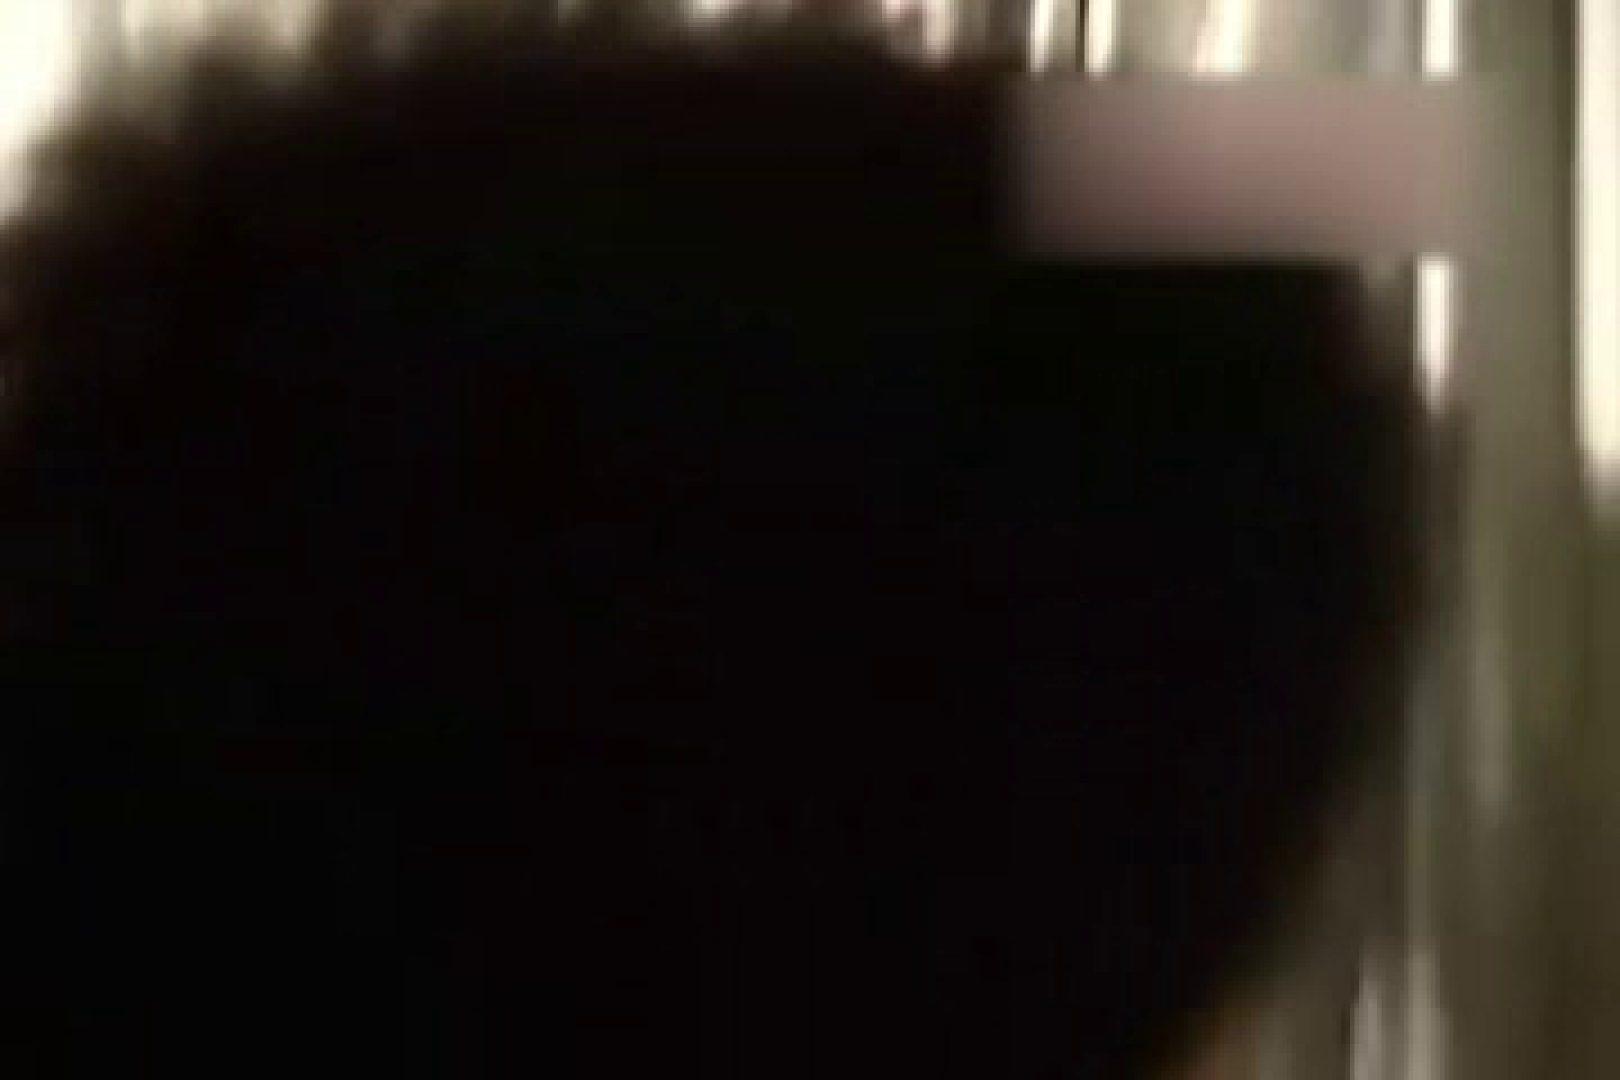 流出!!メンズスーパーモデル達のヌードinChina vol5 流出 ゲイフェラチオ画像 101枚 38